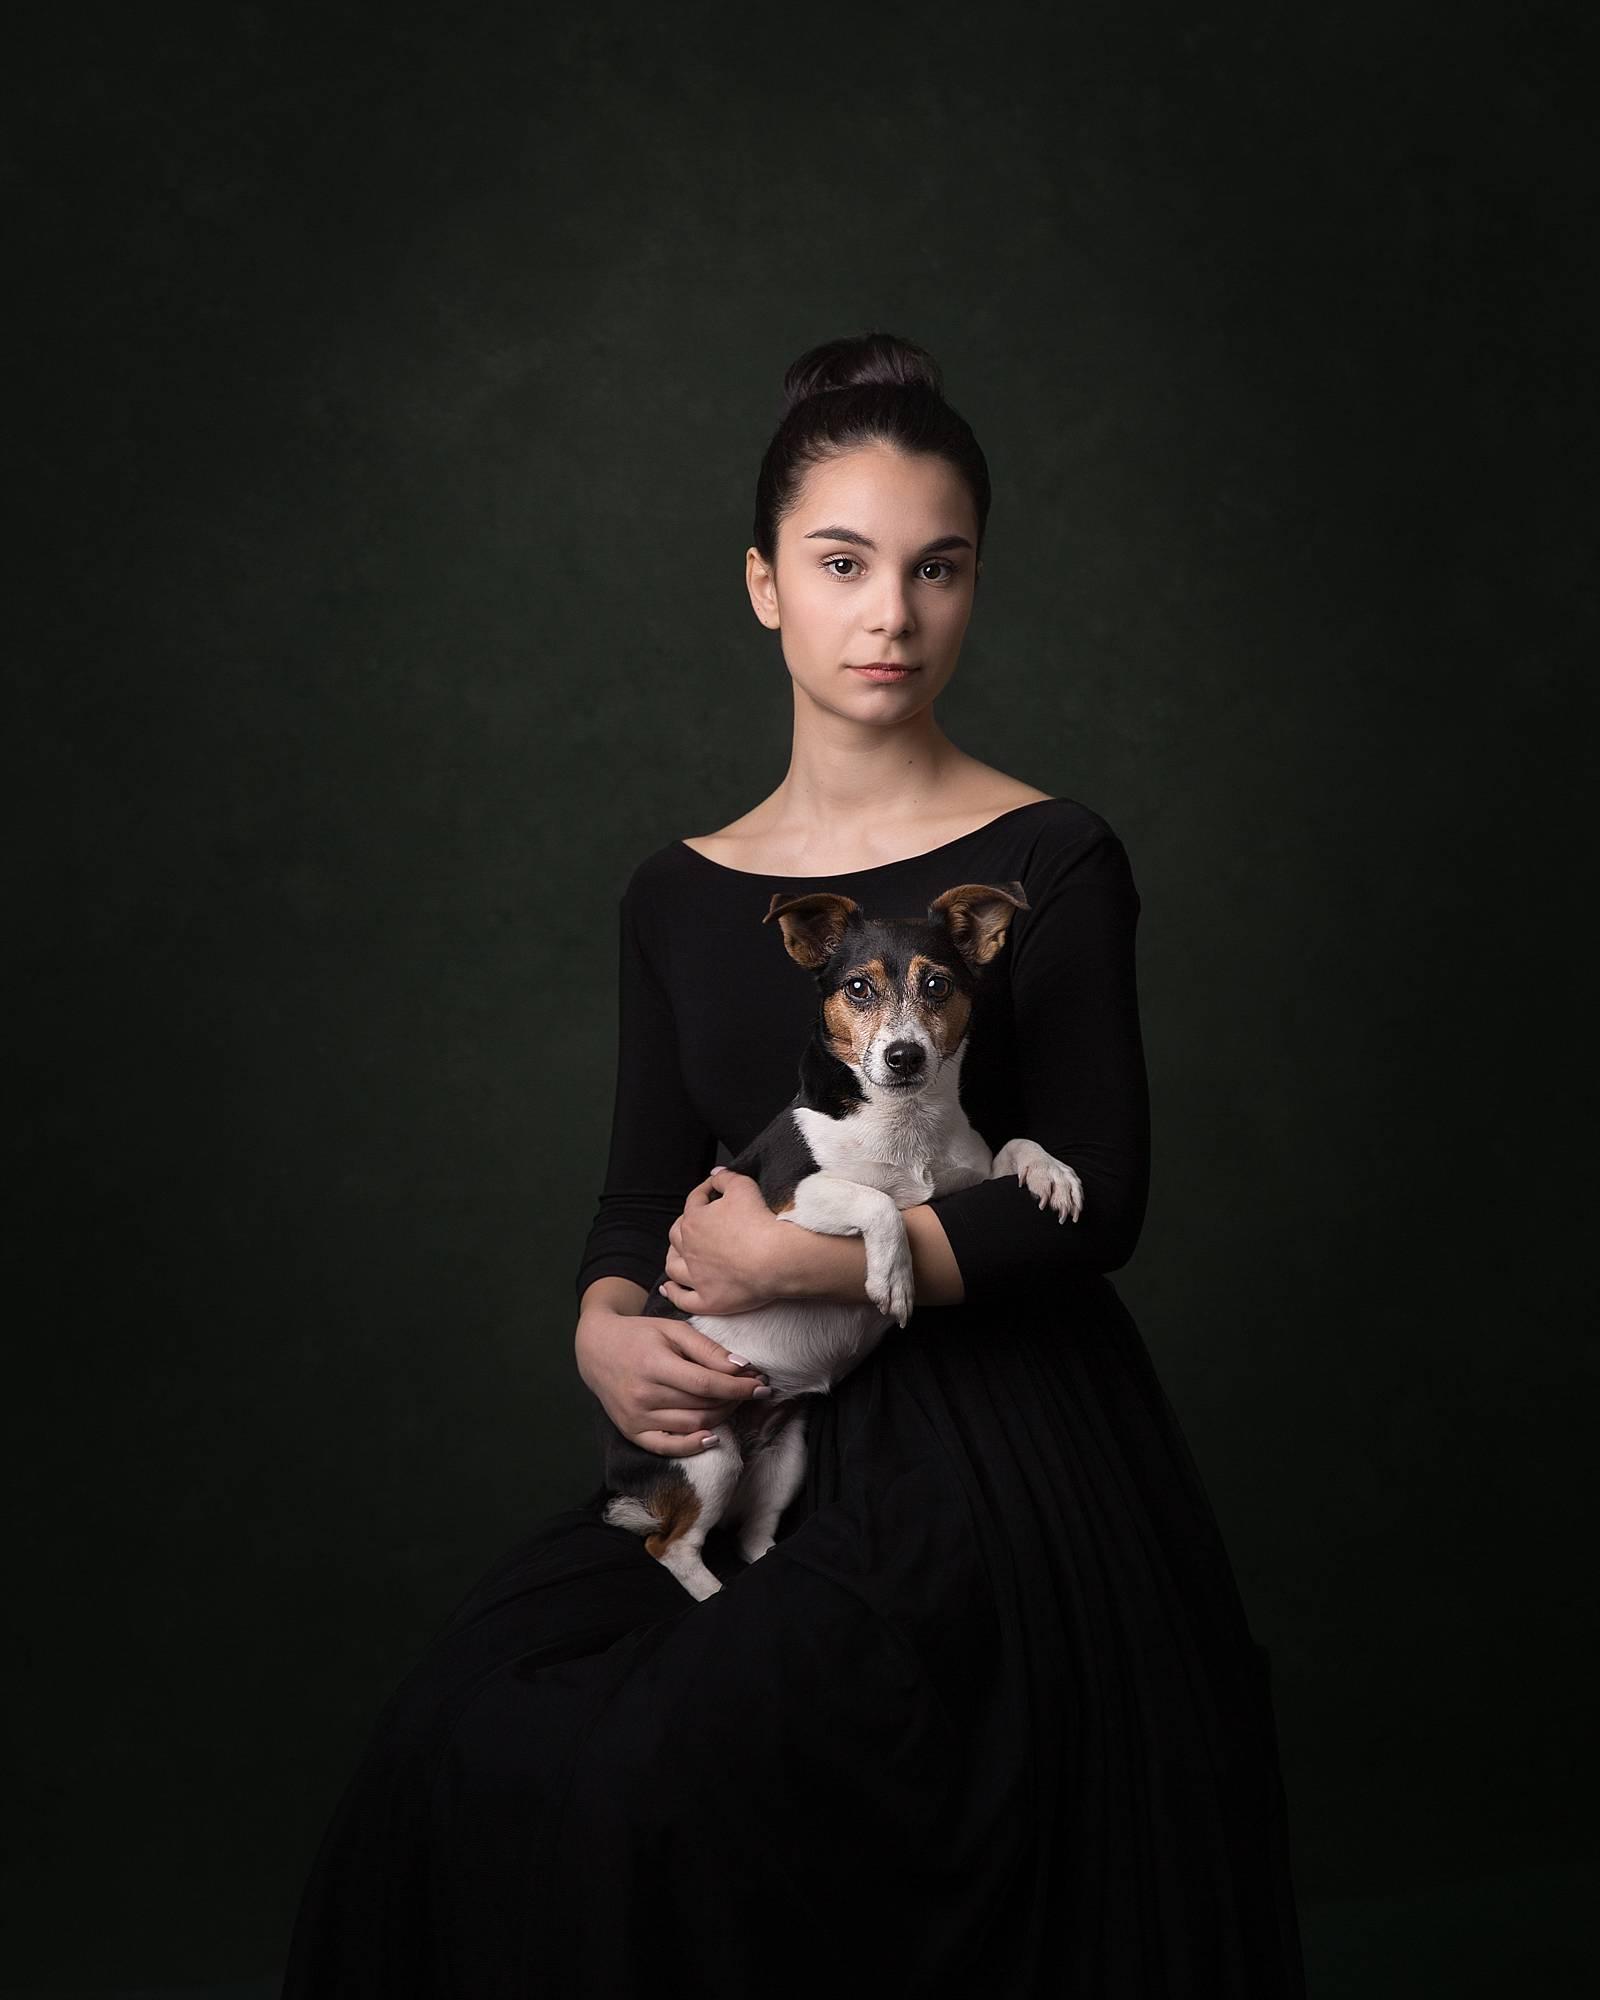 claudia-baldus-fotografia-ritratto-adulti